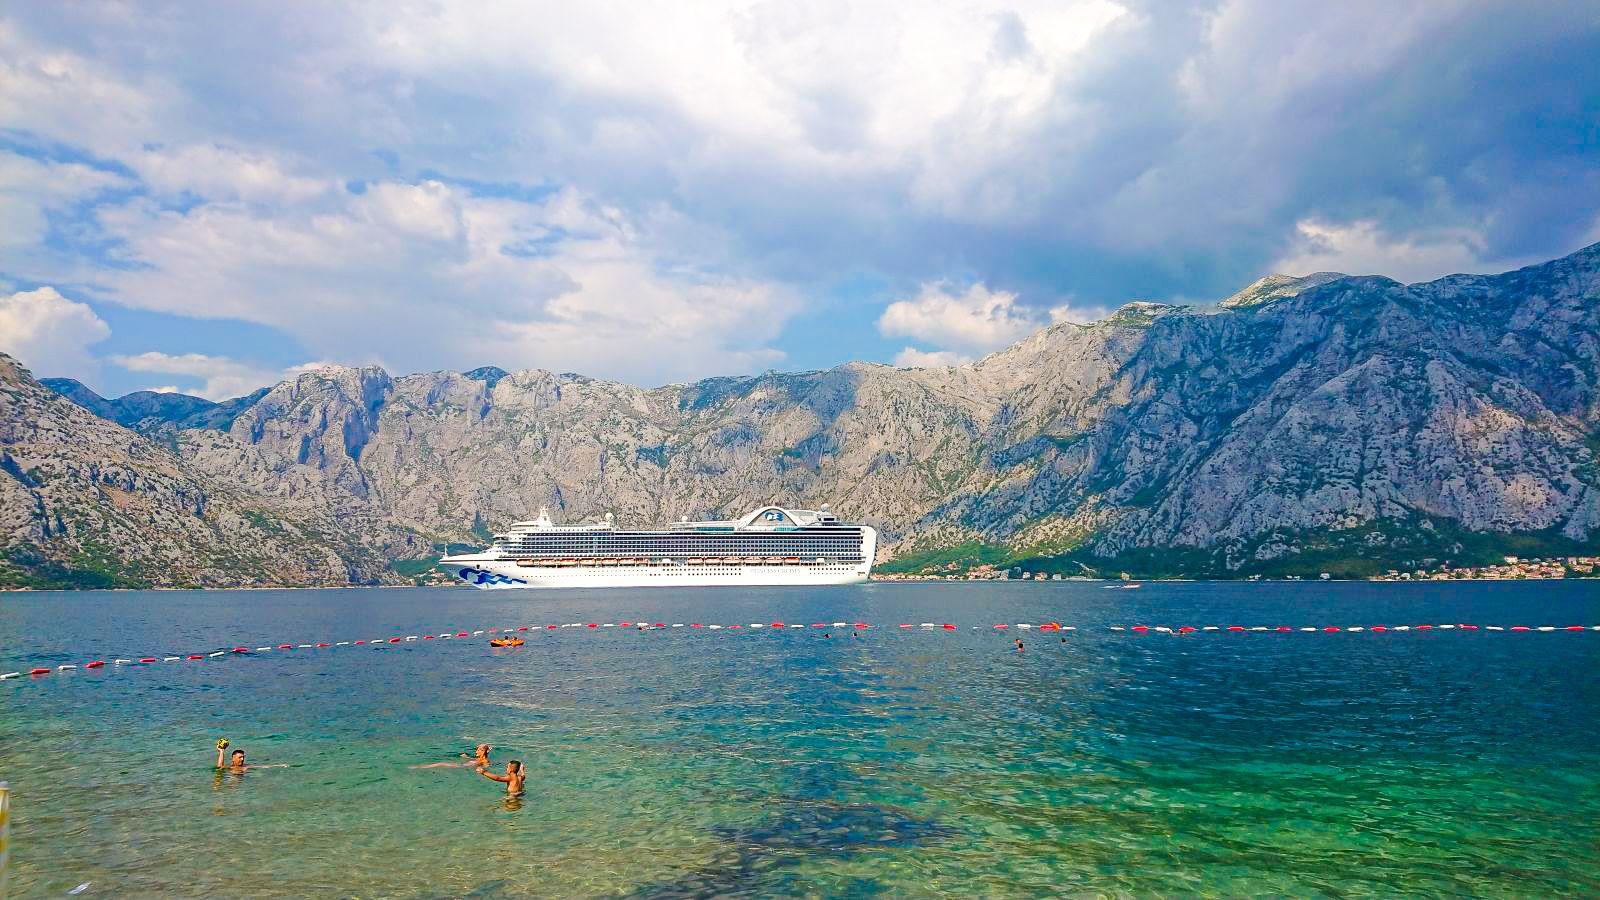 Pływanie w Zatoce Kotorskiej robi wrażenie.